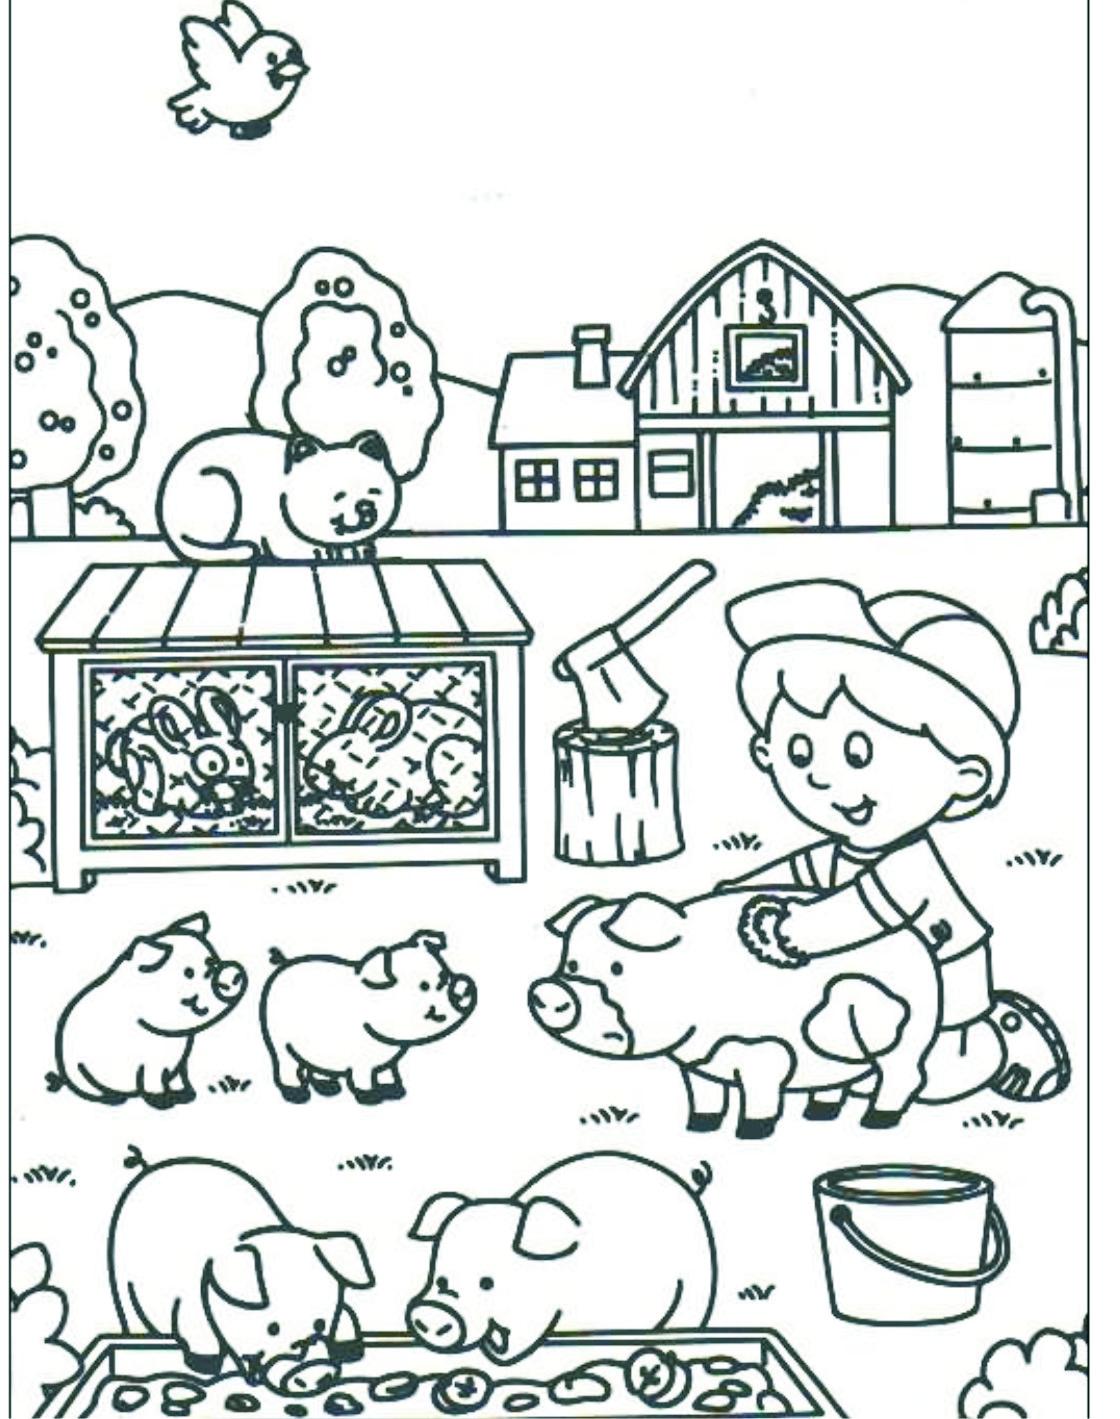 Planse De Colorat Cu Animale Pentru Copii Desene Pentru Colorat Cu